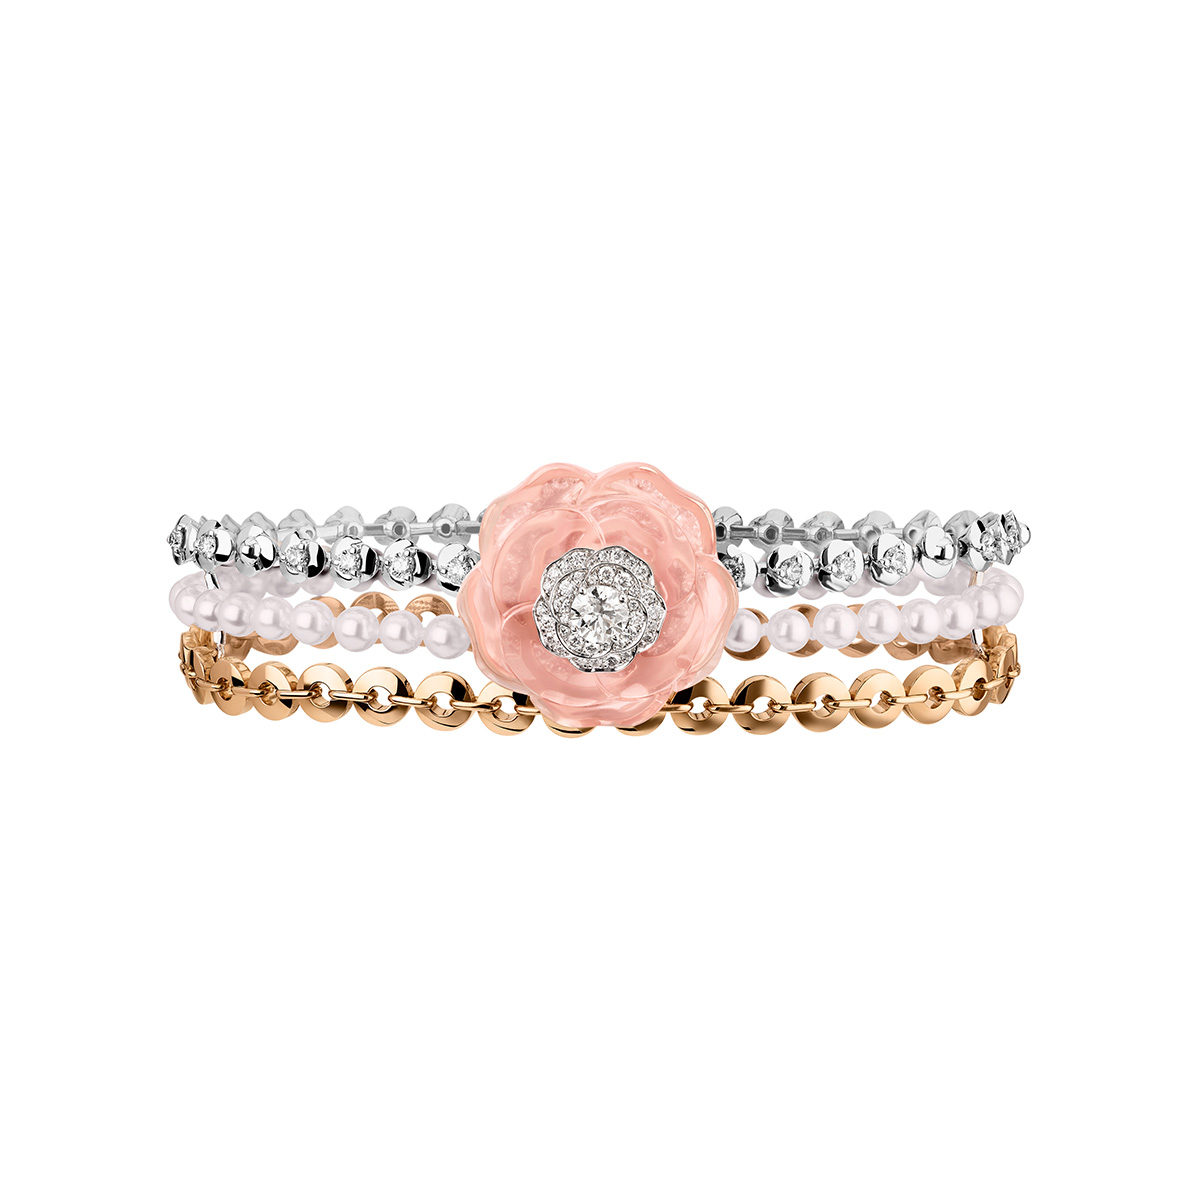 Цветочные мотивы украшений Chanel